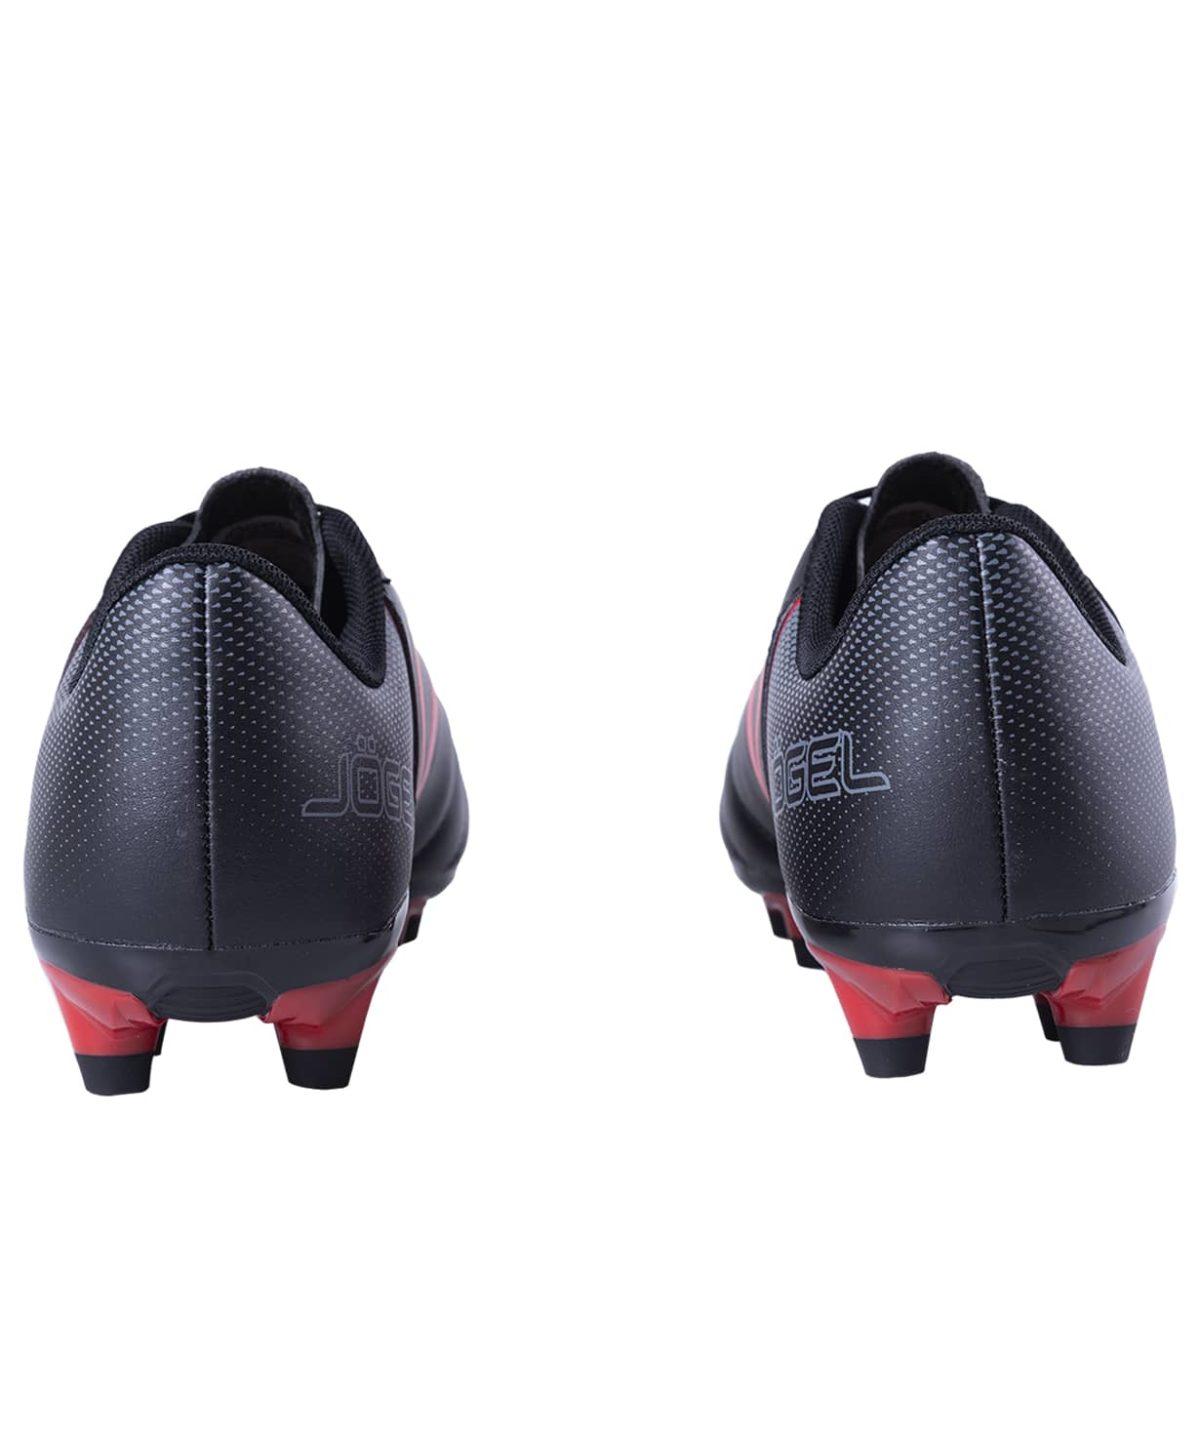 JOGEL Бутсы футбольные Mondo (41-45) JSH402: чёрный - 3